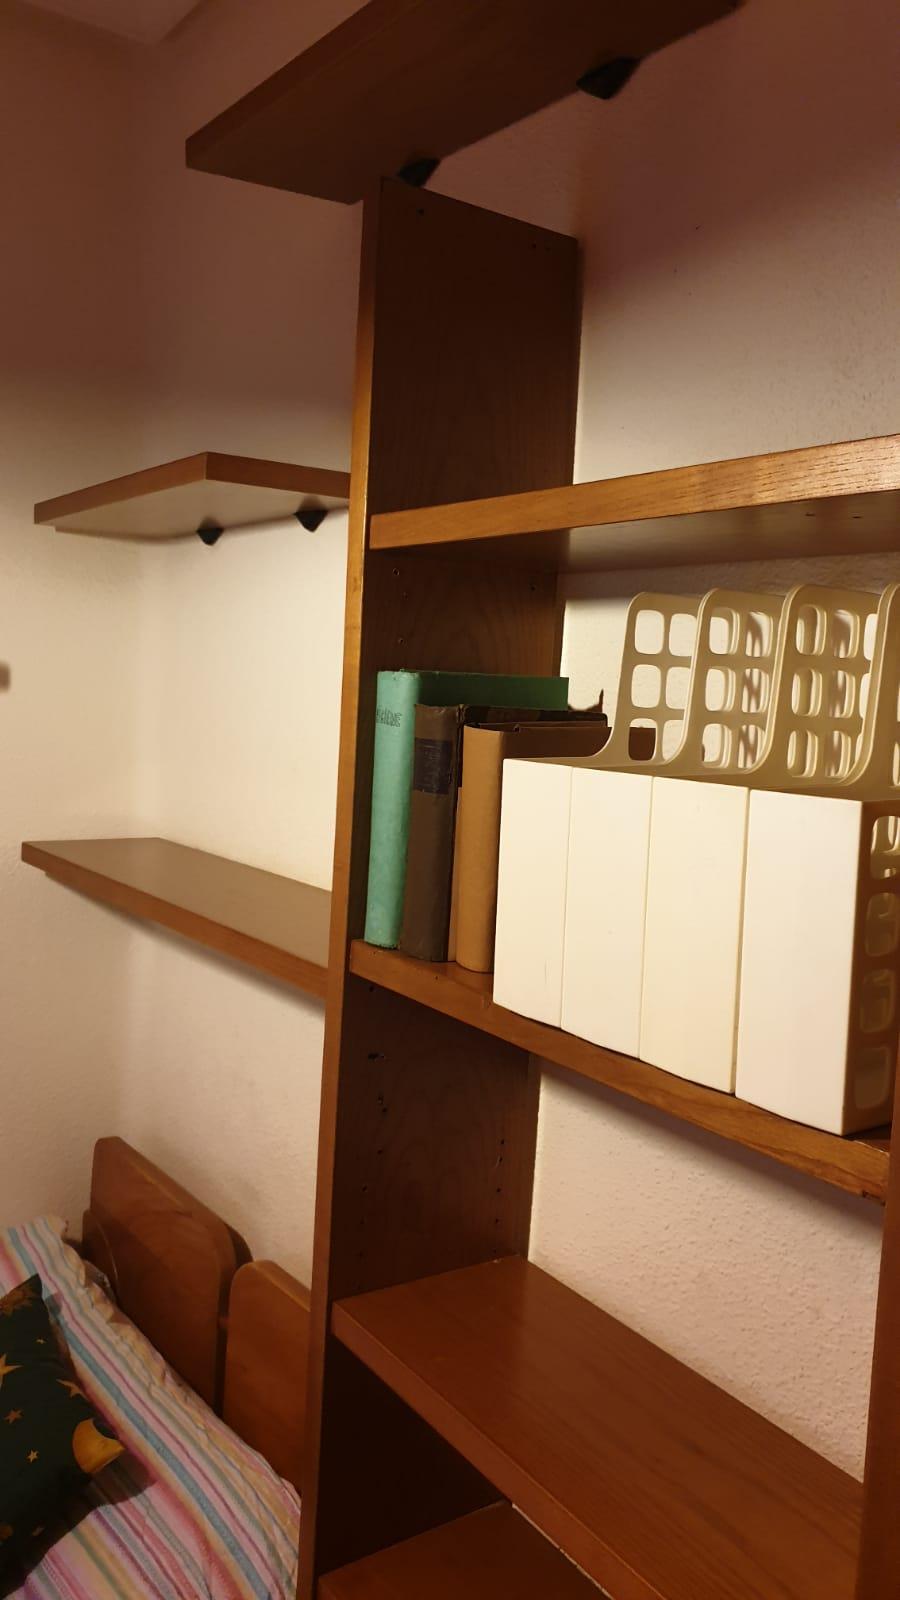 Piso de tres dormitorios junto a corte inglés (REF: 26) - foto 19 2ee457cd-8ce2-48e2-aee3-0effa18c4975.jpg